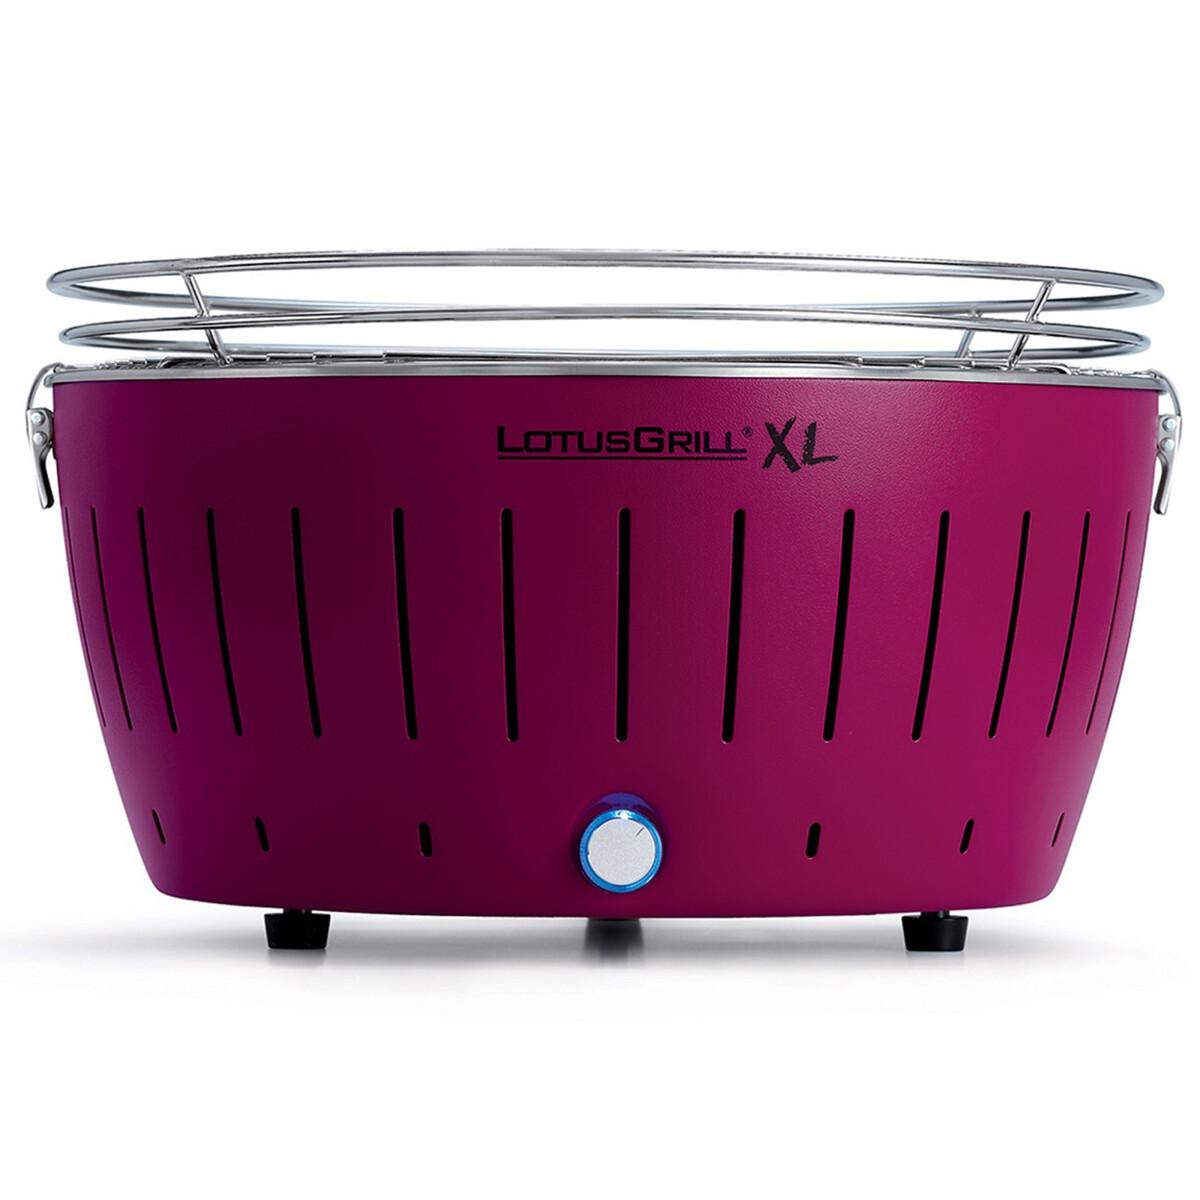 grill portatile lotus per esterno xl lotus grill barbecue a carbone il mondo del barbecue. Black Bedroom Furniture Sets. Home Design Ideas